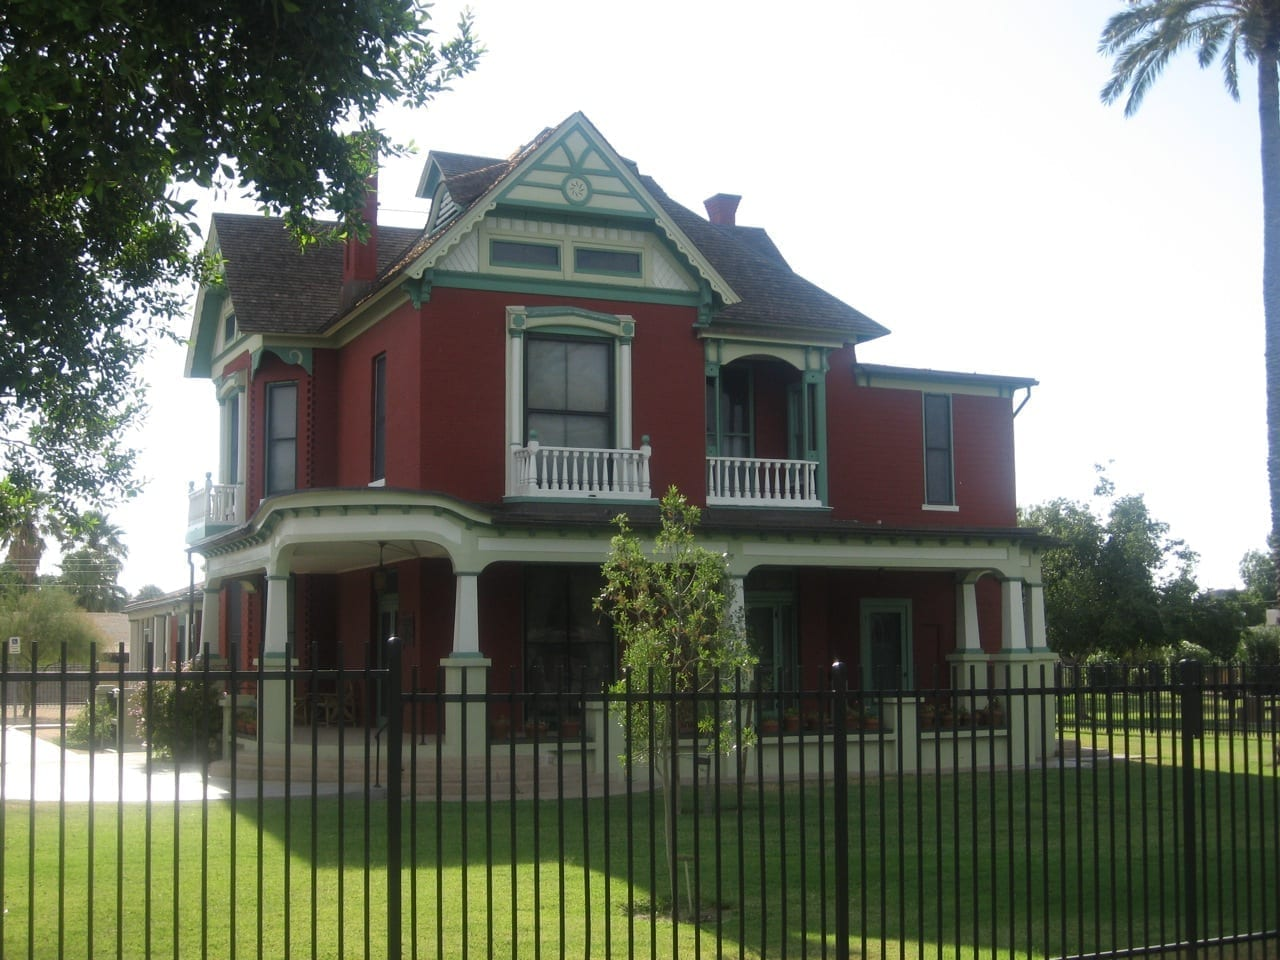 Museo de la Casa de Petersen Tempe AZ Estados Unidos